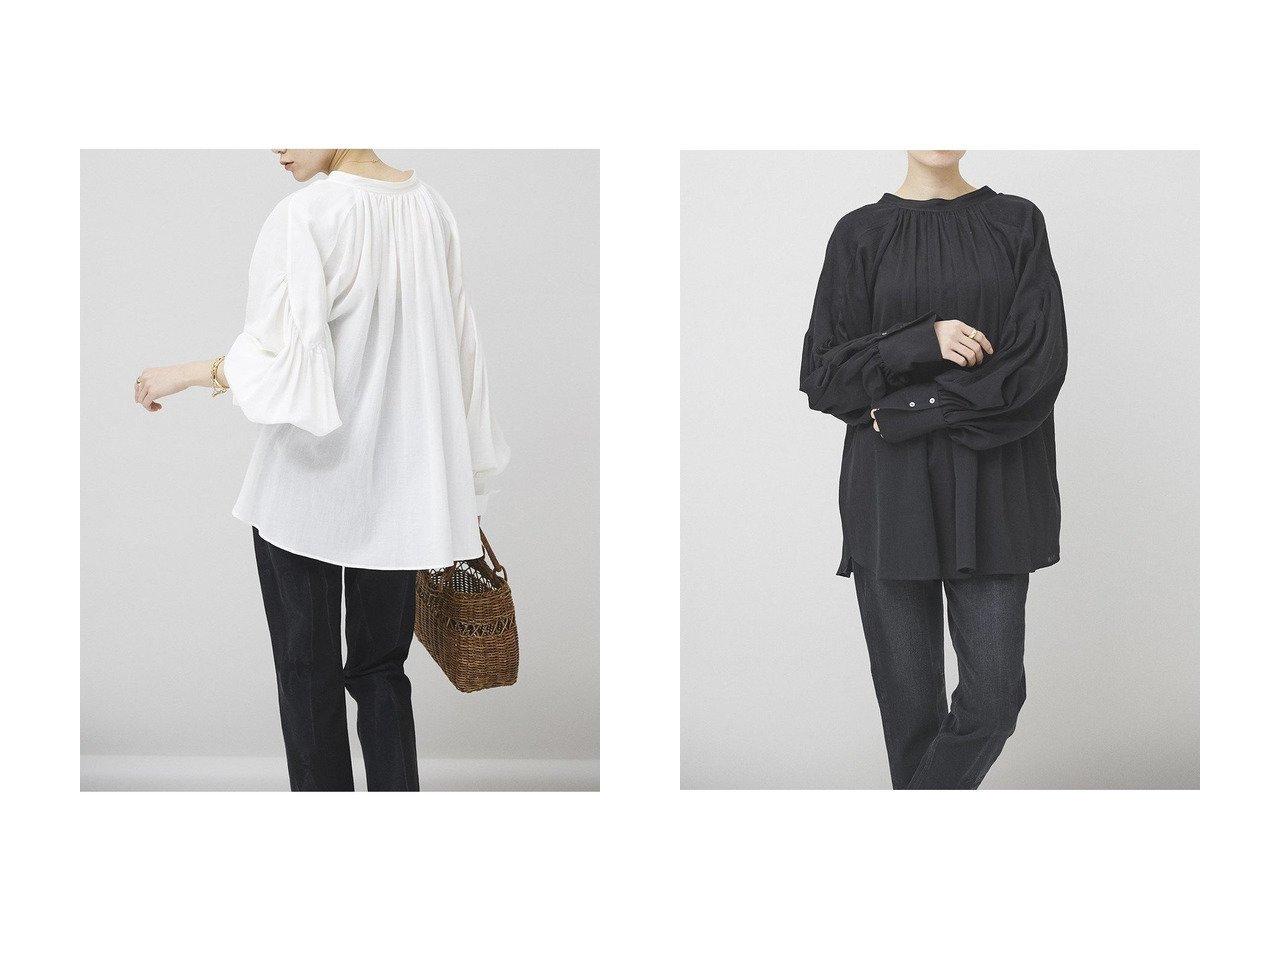 【Curensology/カレンソロジー】の2WAYギャザーブラウス トップス・カットソーのおすすめ!人気、トレンド・レディースファッションの通販 おすすめで人気の流行・トレンド、ファッションの通販商品 メンズファッション・キッズファッション・インテリア・家具・レディースファッション・服の通販 founy(ファニー) https://founy.com/ ファッション Fashion レディースファッション WOMEN トップス Tops Tshirt シャツ/ブラウス Shirts Blouses 2021年 2021 2021 春夏 S/S SS Spring/Summer 2021 S/S 春夏 SS Spring/Summer ギャザー シンプル スリーブ デニム ベーシック ヨーク ロング ヴィンテージ 春 Spring |ID:crp329100000015580